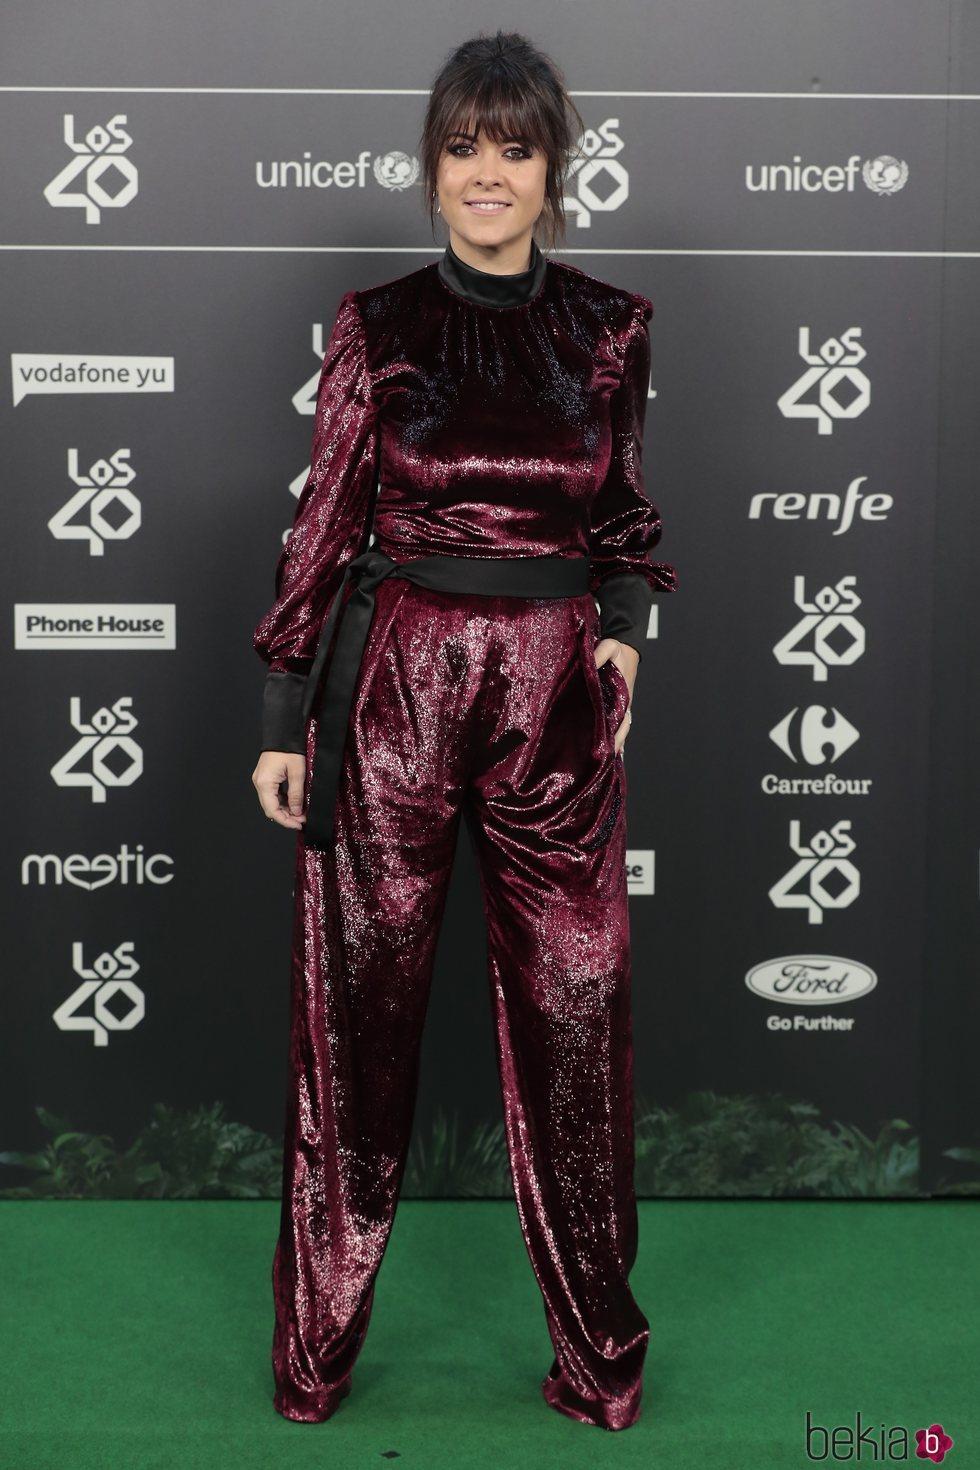 Vanesa Matín en Los 40 Music Awards 2018